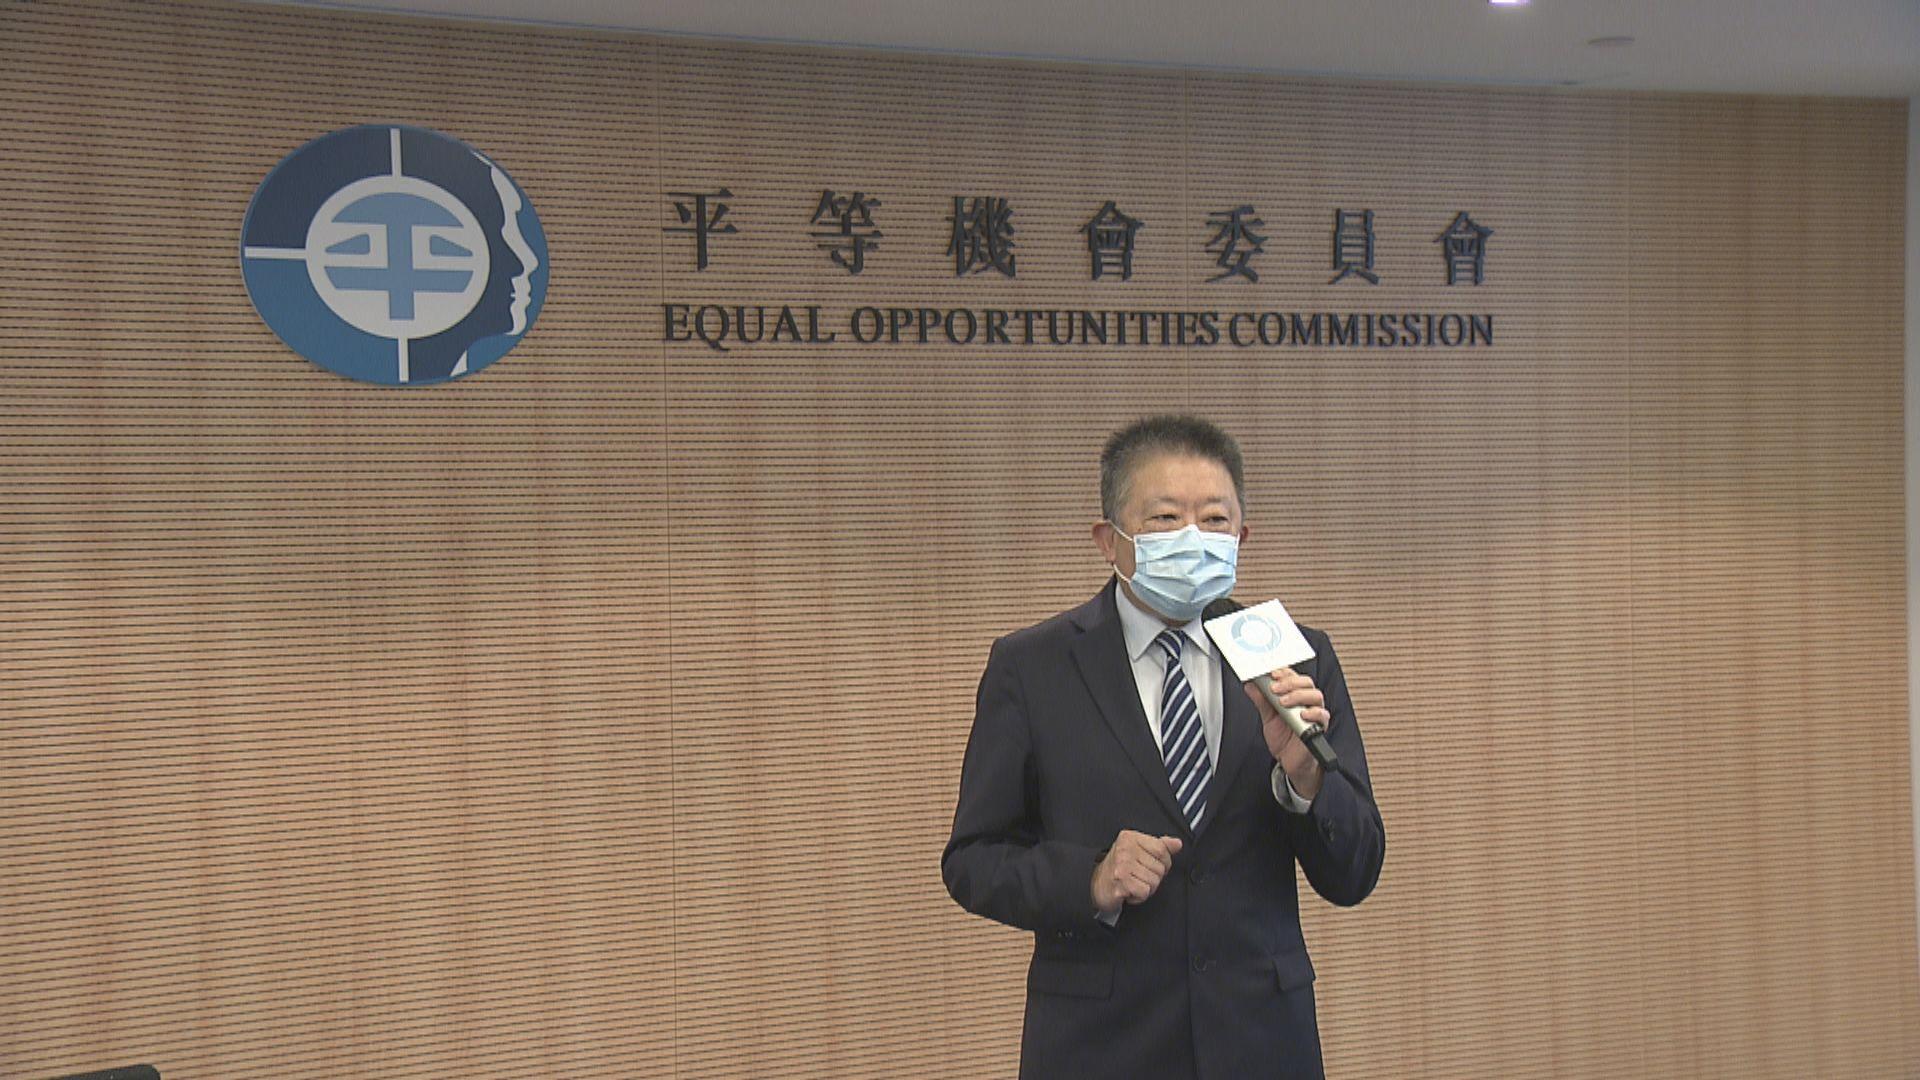 朱敏健:若措施為保障公眾健康 不涉違反殘疾歧視條例